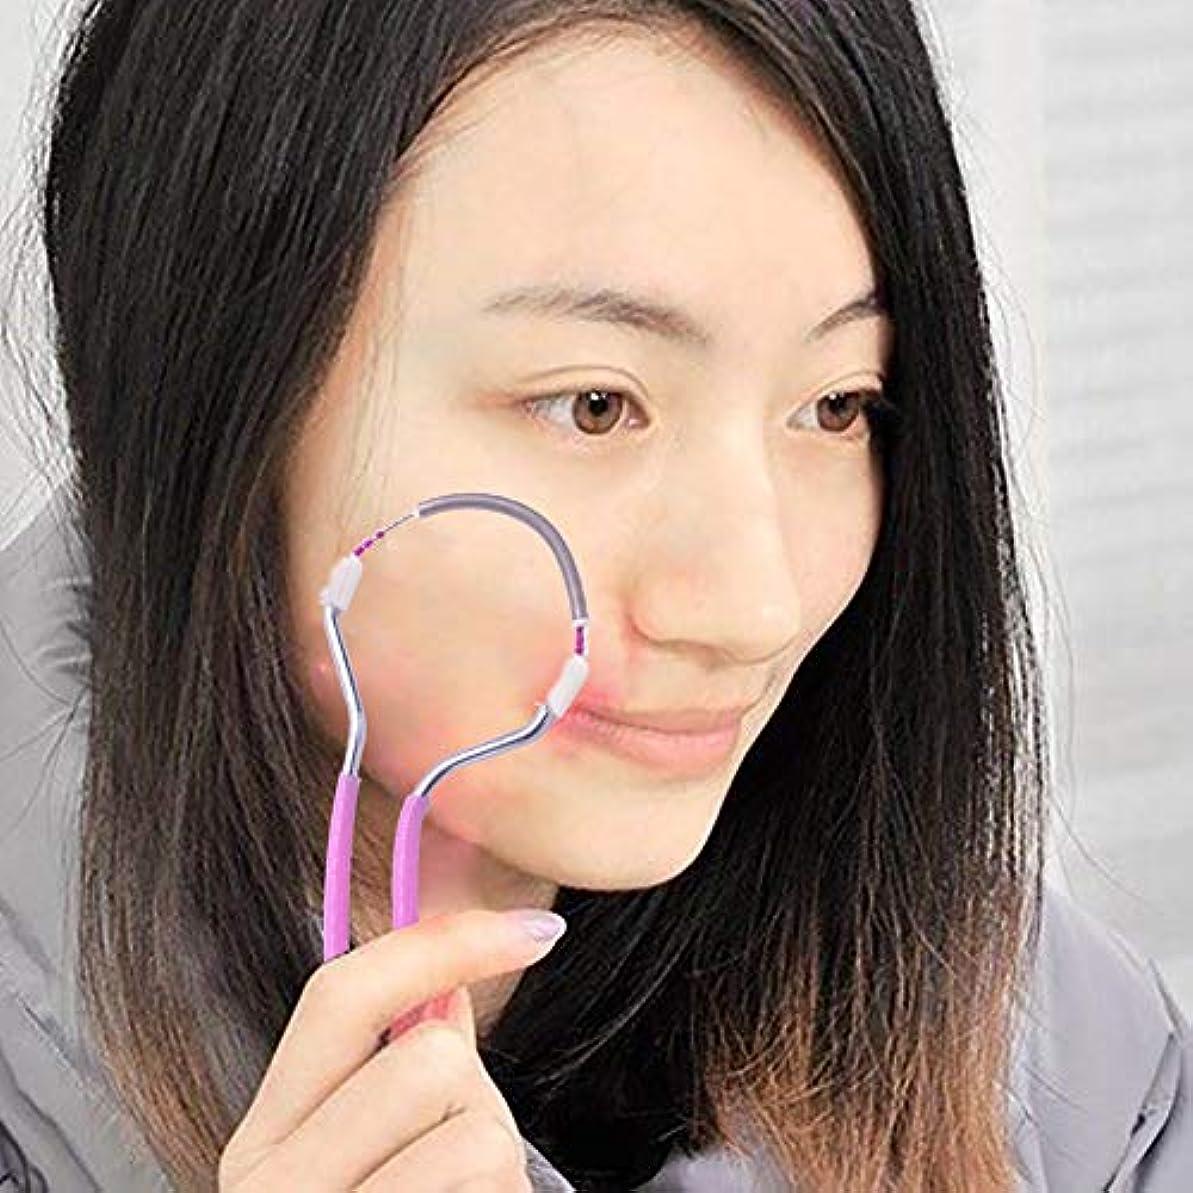 シソーラス旅行代理店測定可能春の顔の毛の除去剤、滑らかな仕上げの顔の毛の除去剤、男性と女性のためのポータブル&効果的な手動脱毛器スティック。